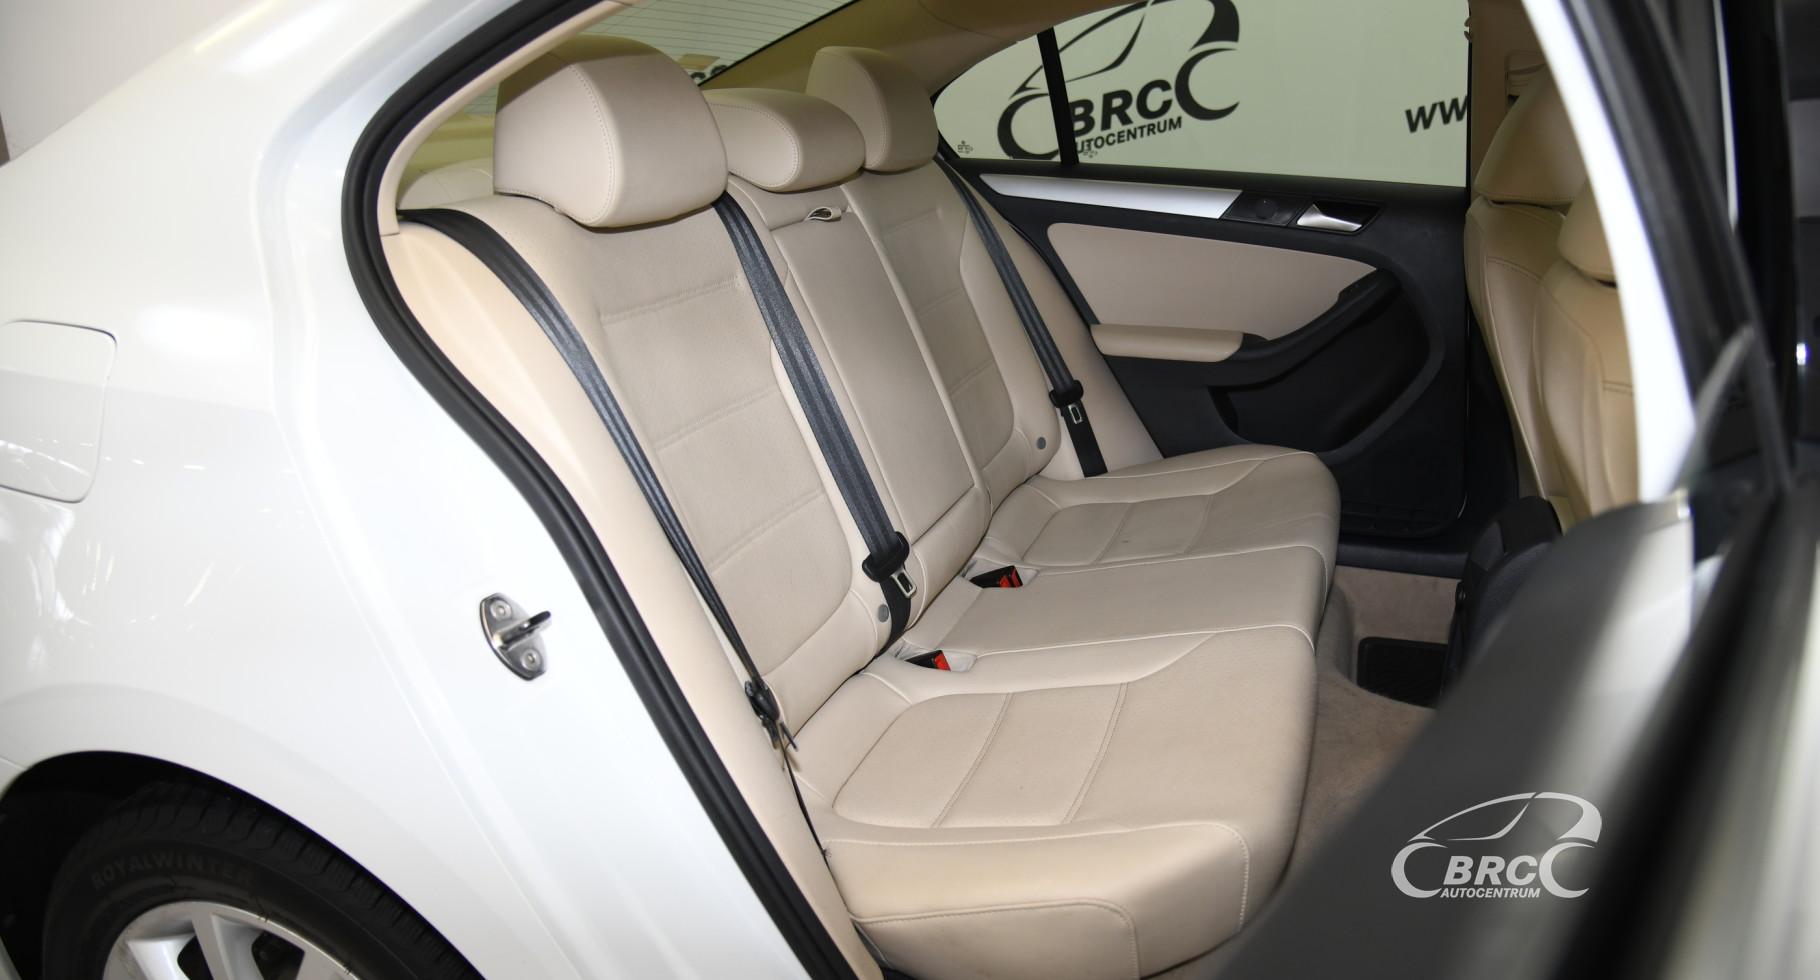 Volkswagen Jetta 1.8 TSI Comfort SE Automatas